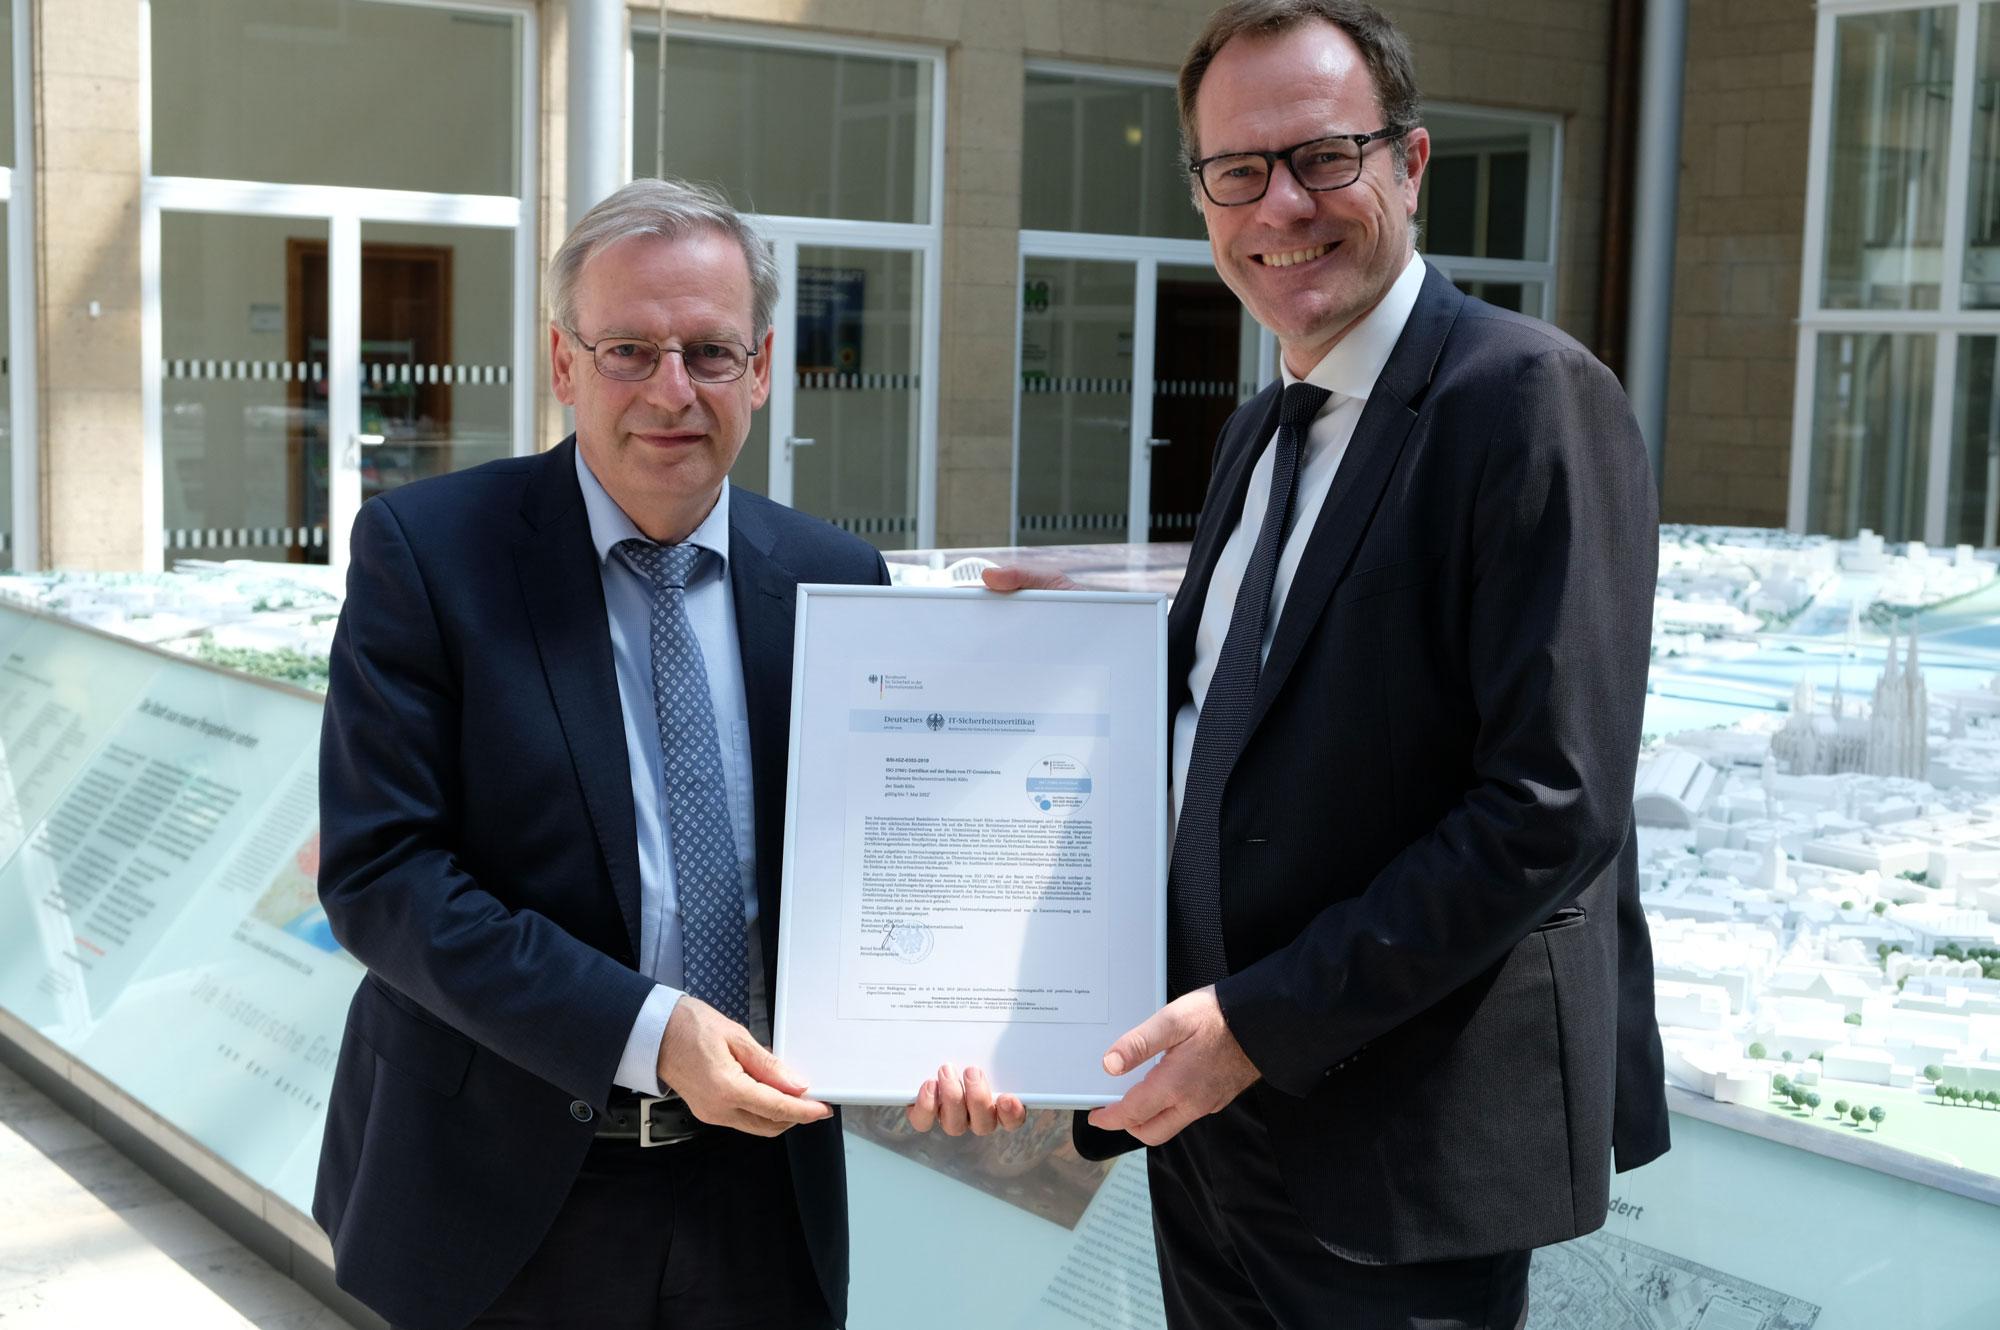 v.l.n.r.: Bernd Kowalski vom Bundesamt für Sicherheit in der Informationstechnik, Stadtdirektor Dr. Stephan Keller (Foto: Stadt Köln)